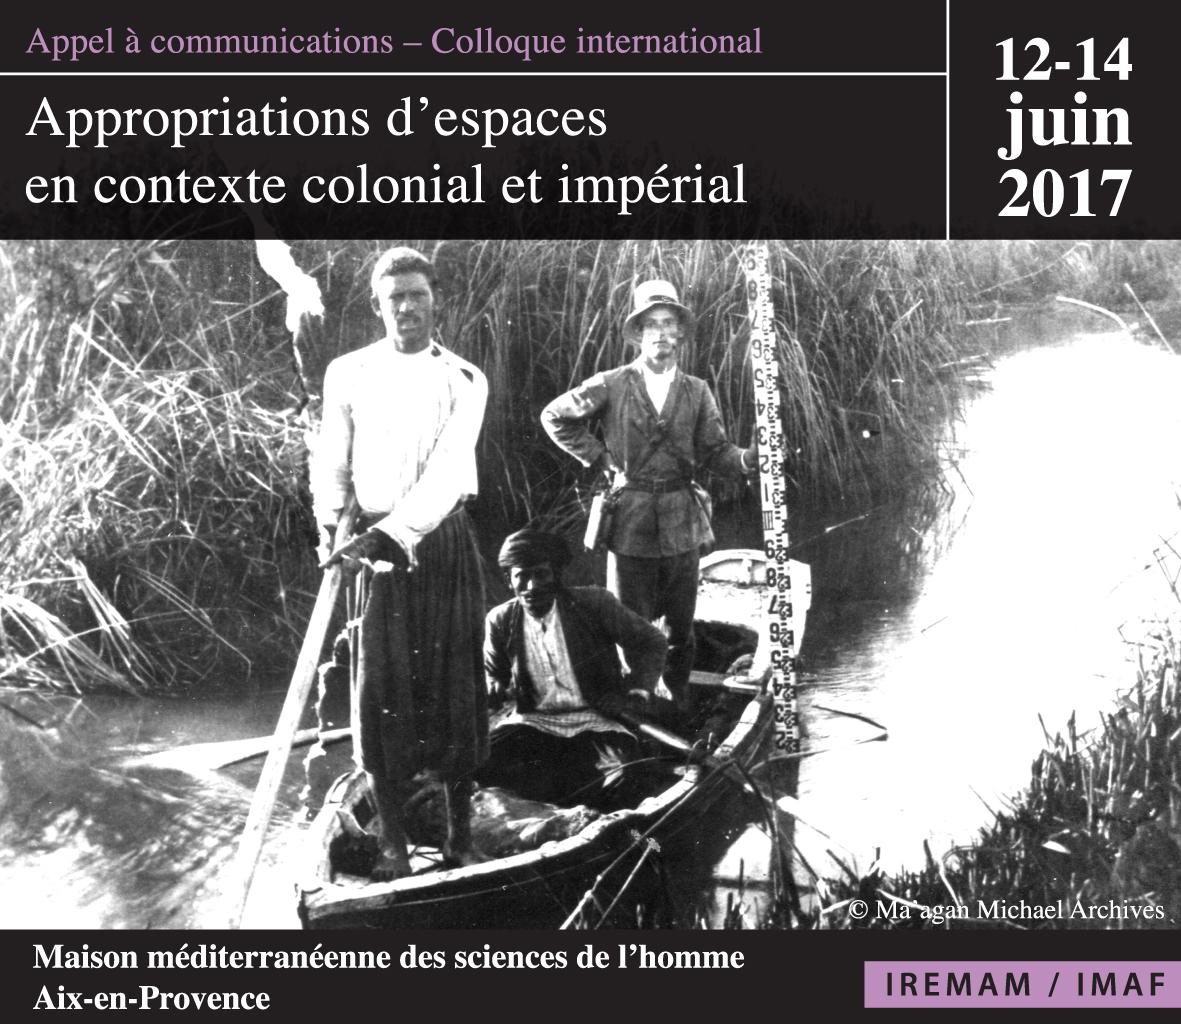 Appel à communications «Appropriations d'espaces en contexte colonial et impérial» (jusqu'au 30 septembre 2016)